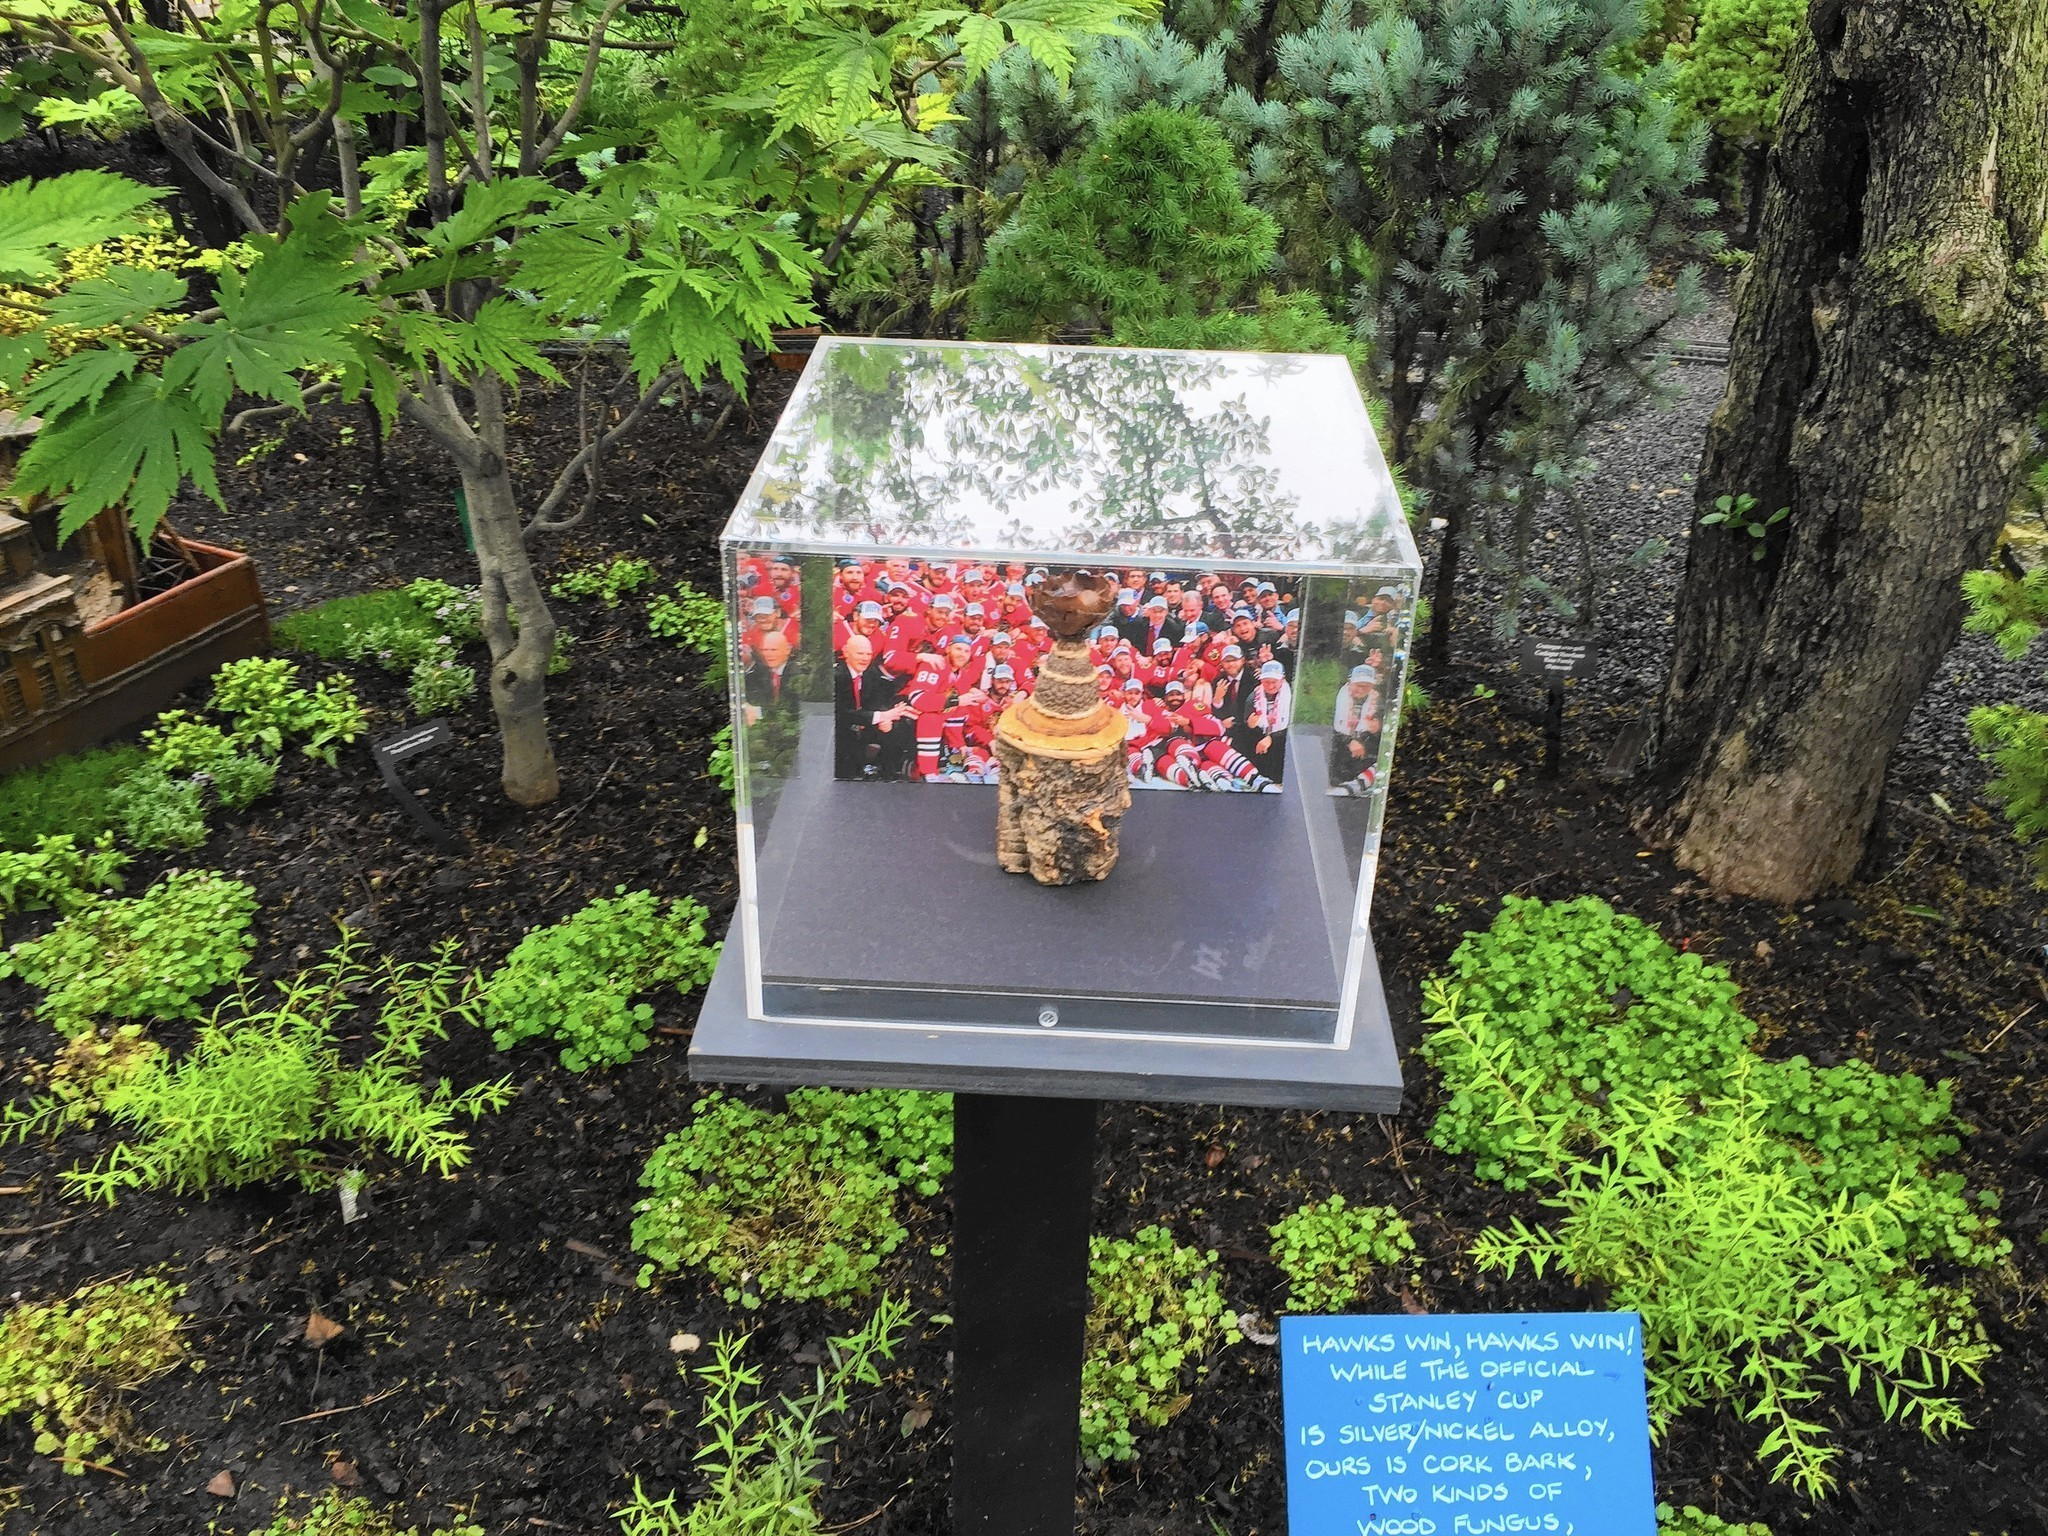 New Landmarks Join Chicago Botanic Garden Model Train Exhibit Glencoe News